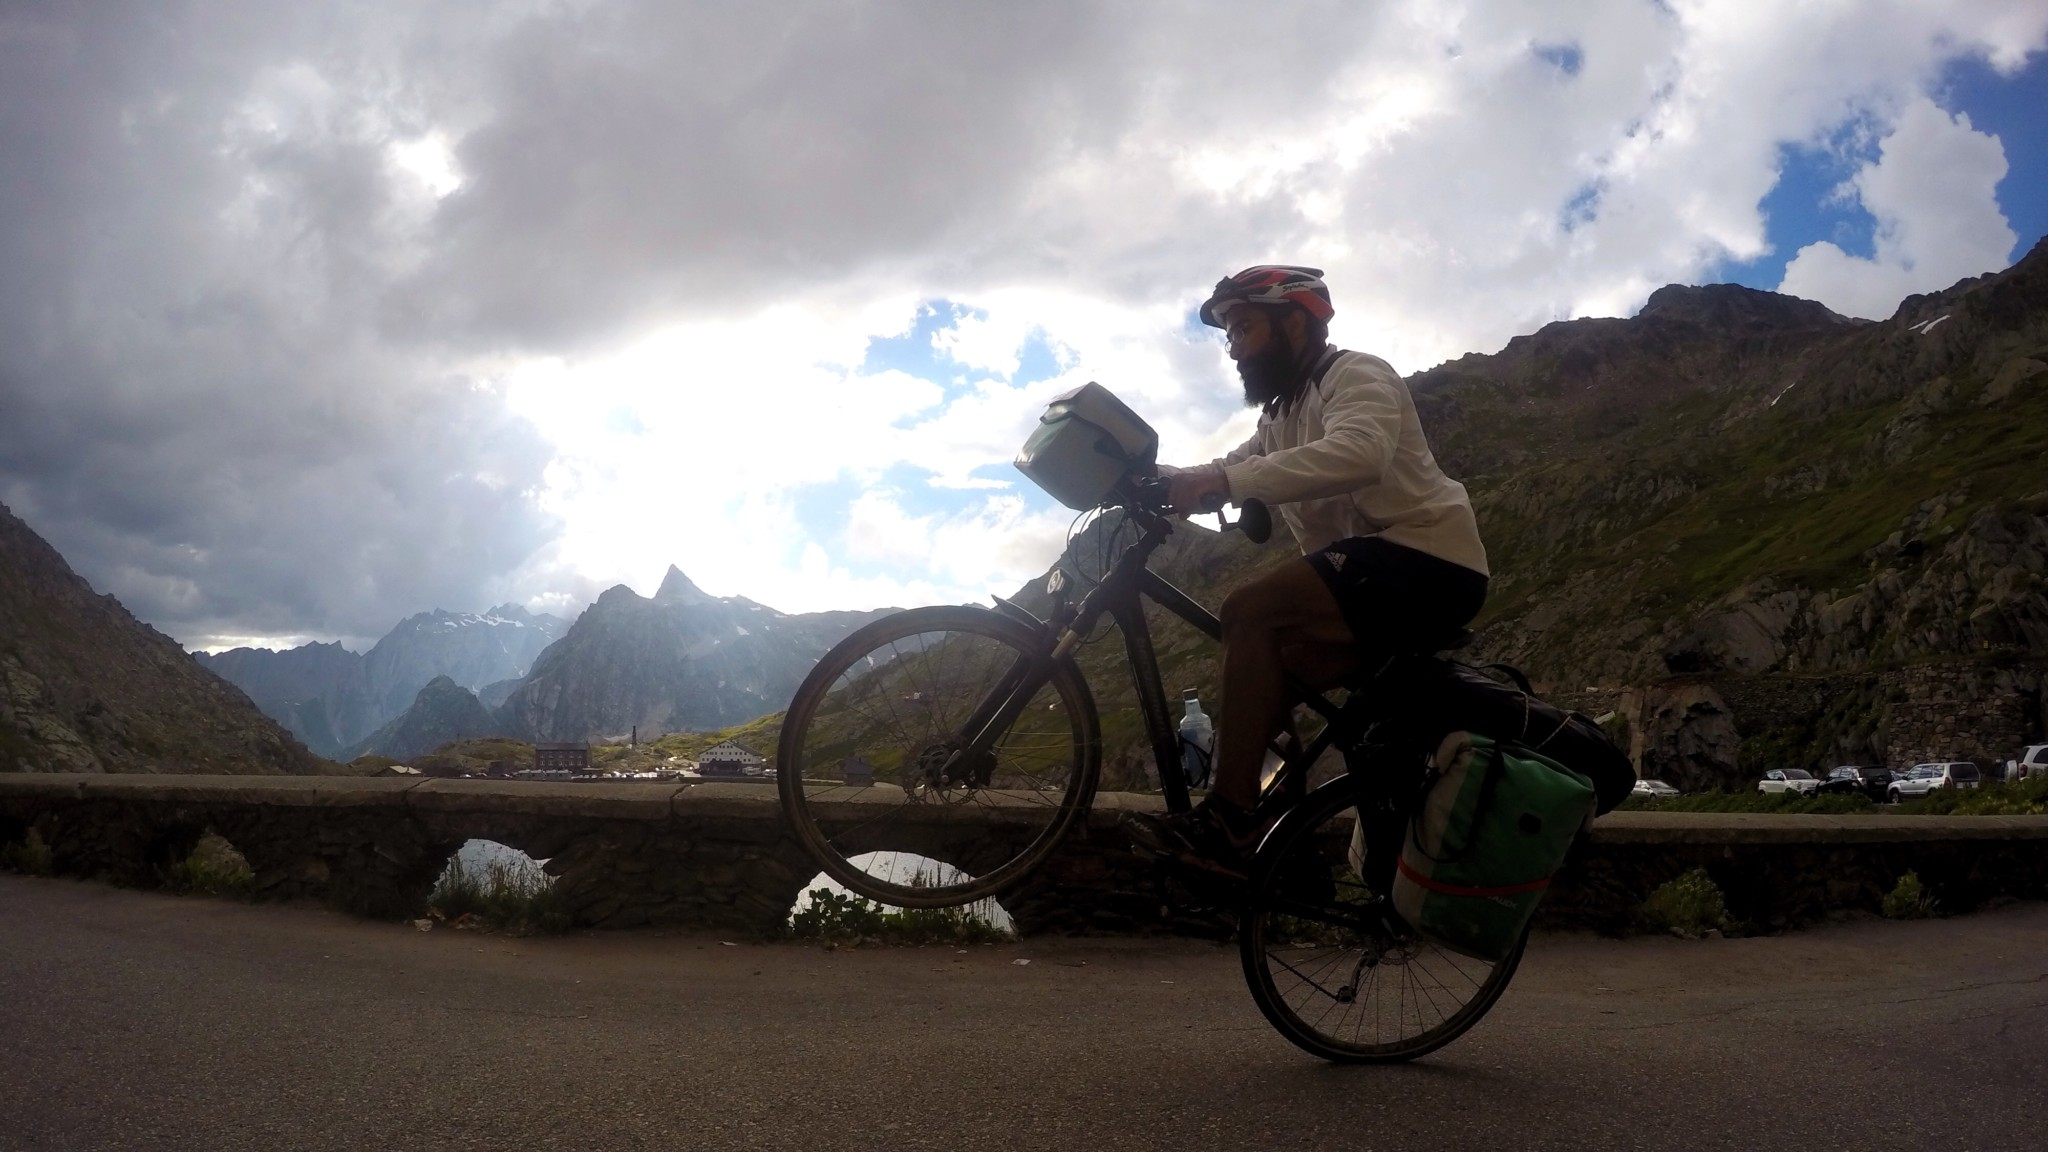 the-horsed-bike-of-the-gd-st-bernard The 2016 bike trip